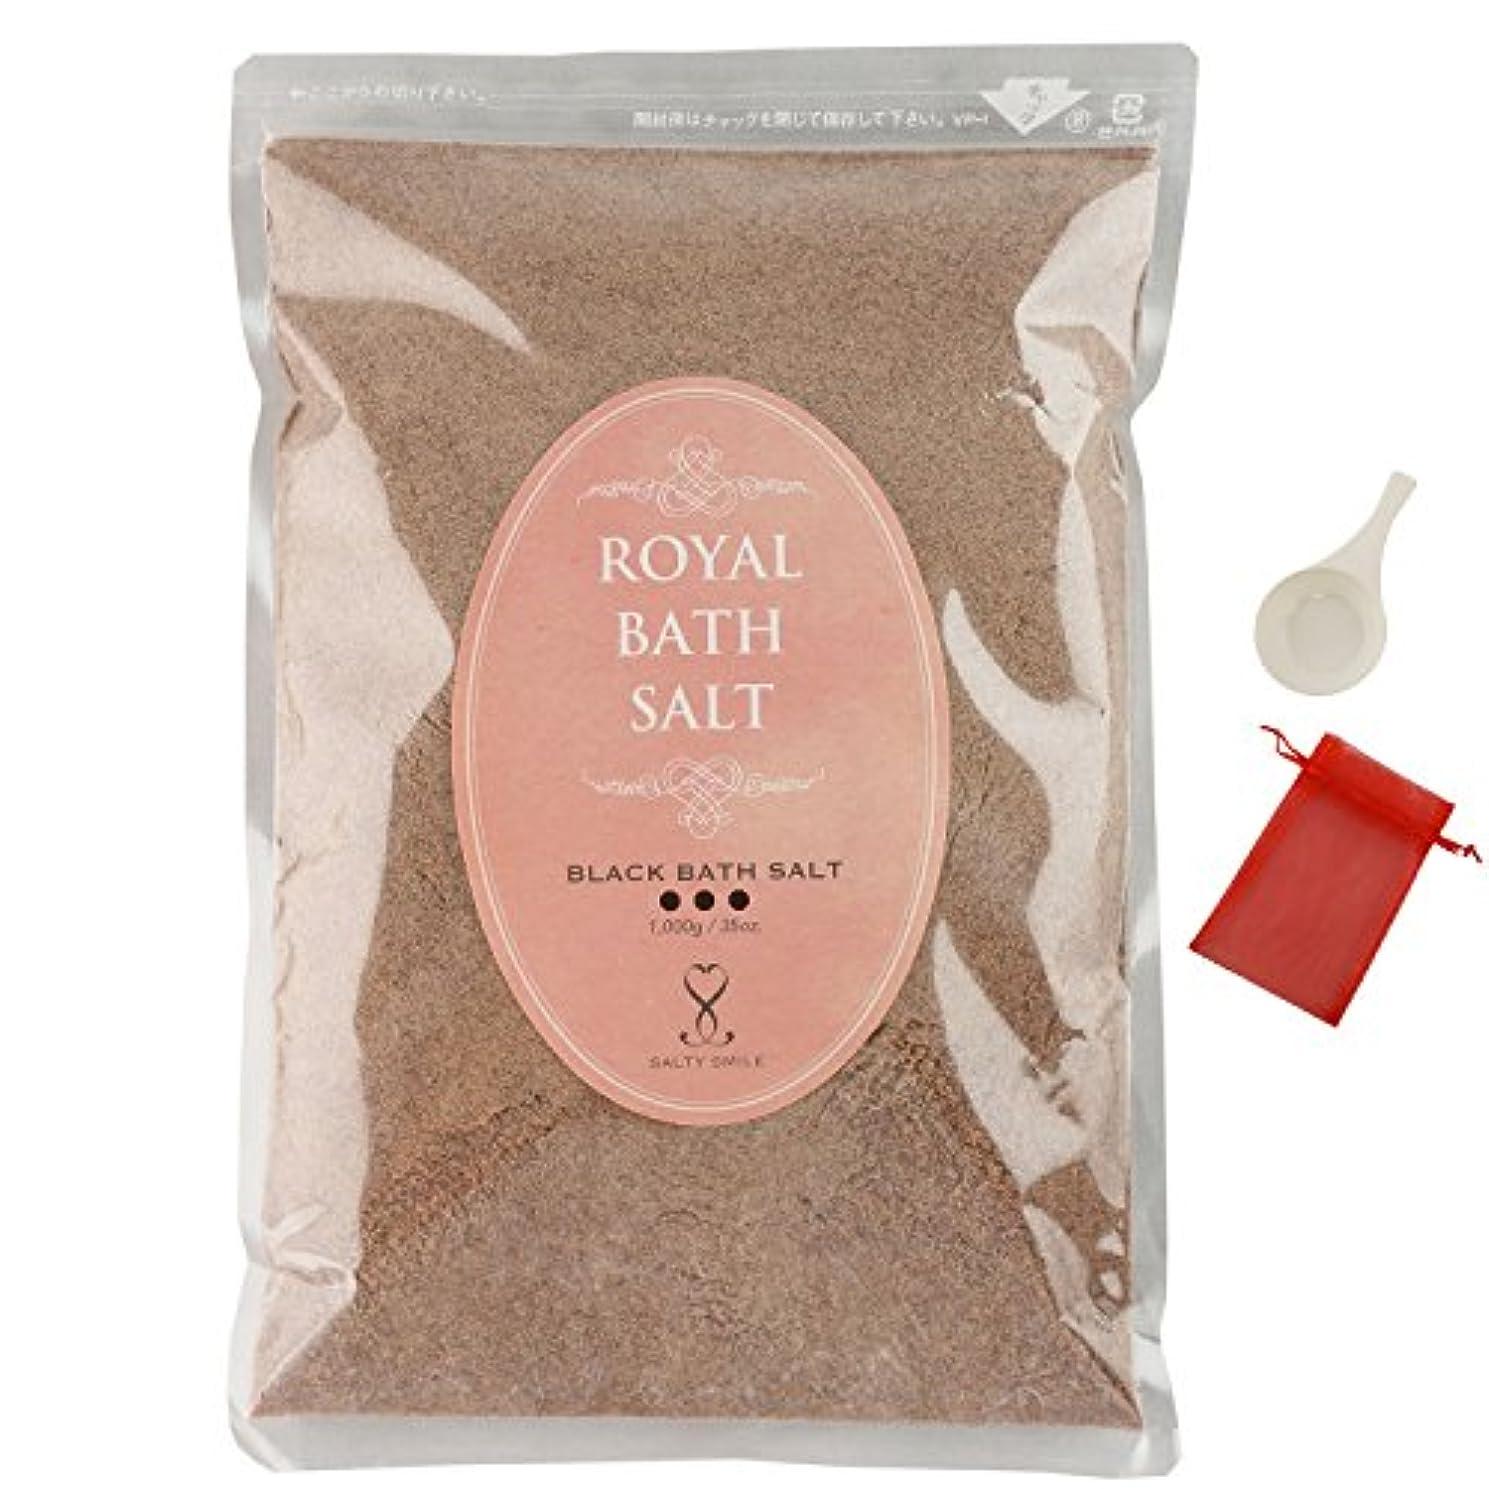 二十アコー弾力性のあるロイヤルバスソルト ブラックパウダー 岩塩 ROYAL BATH SALT (1,000g【1㎏】)